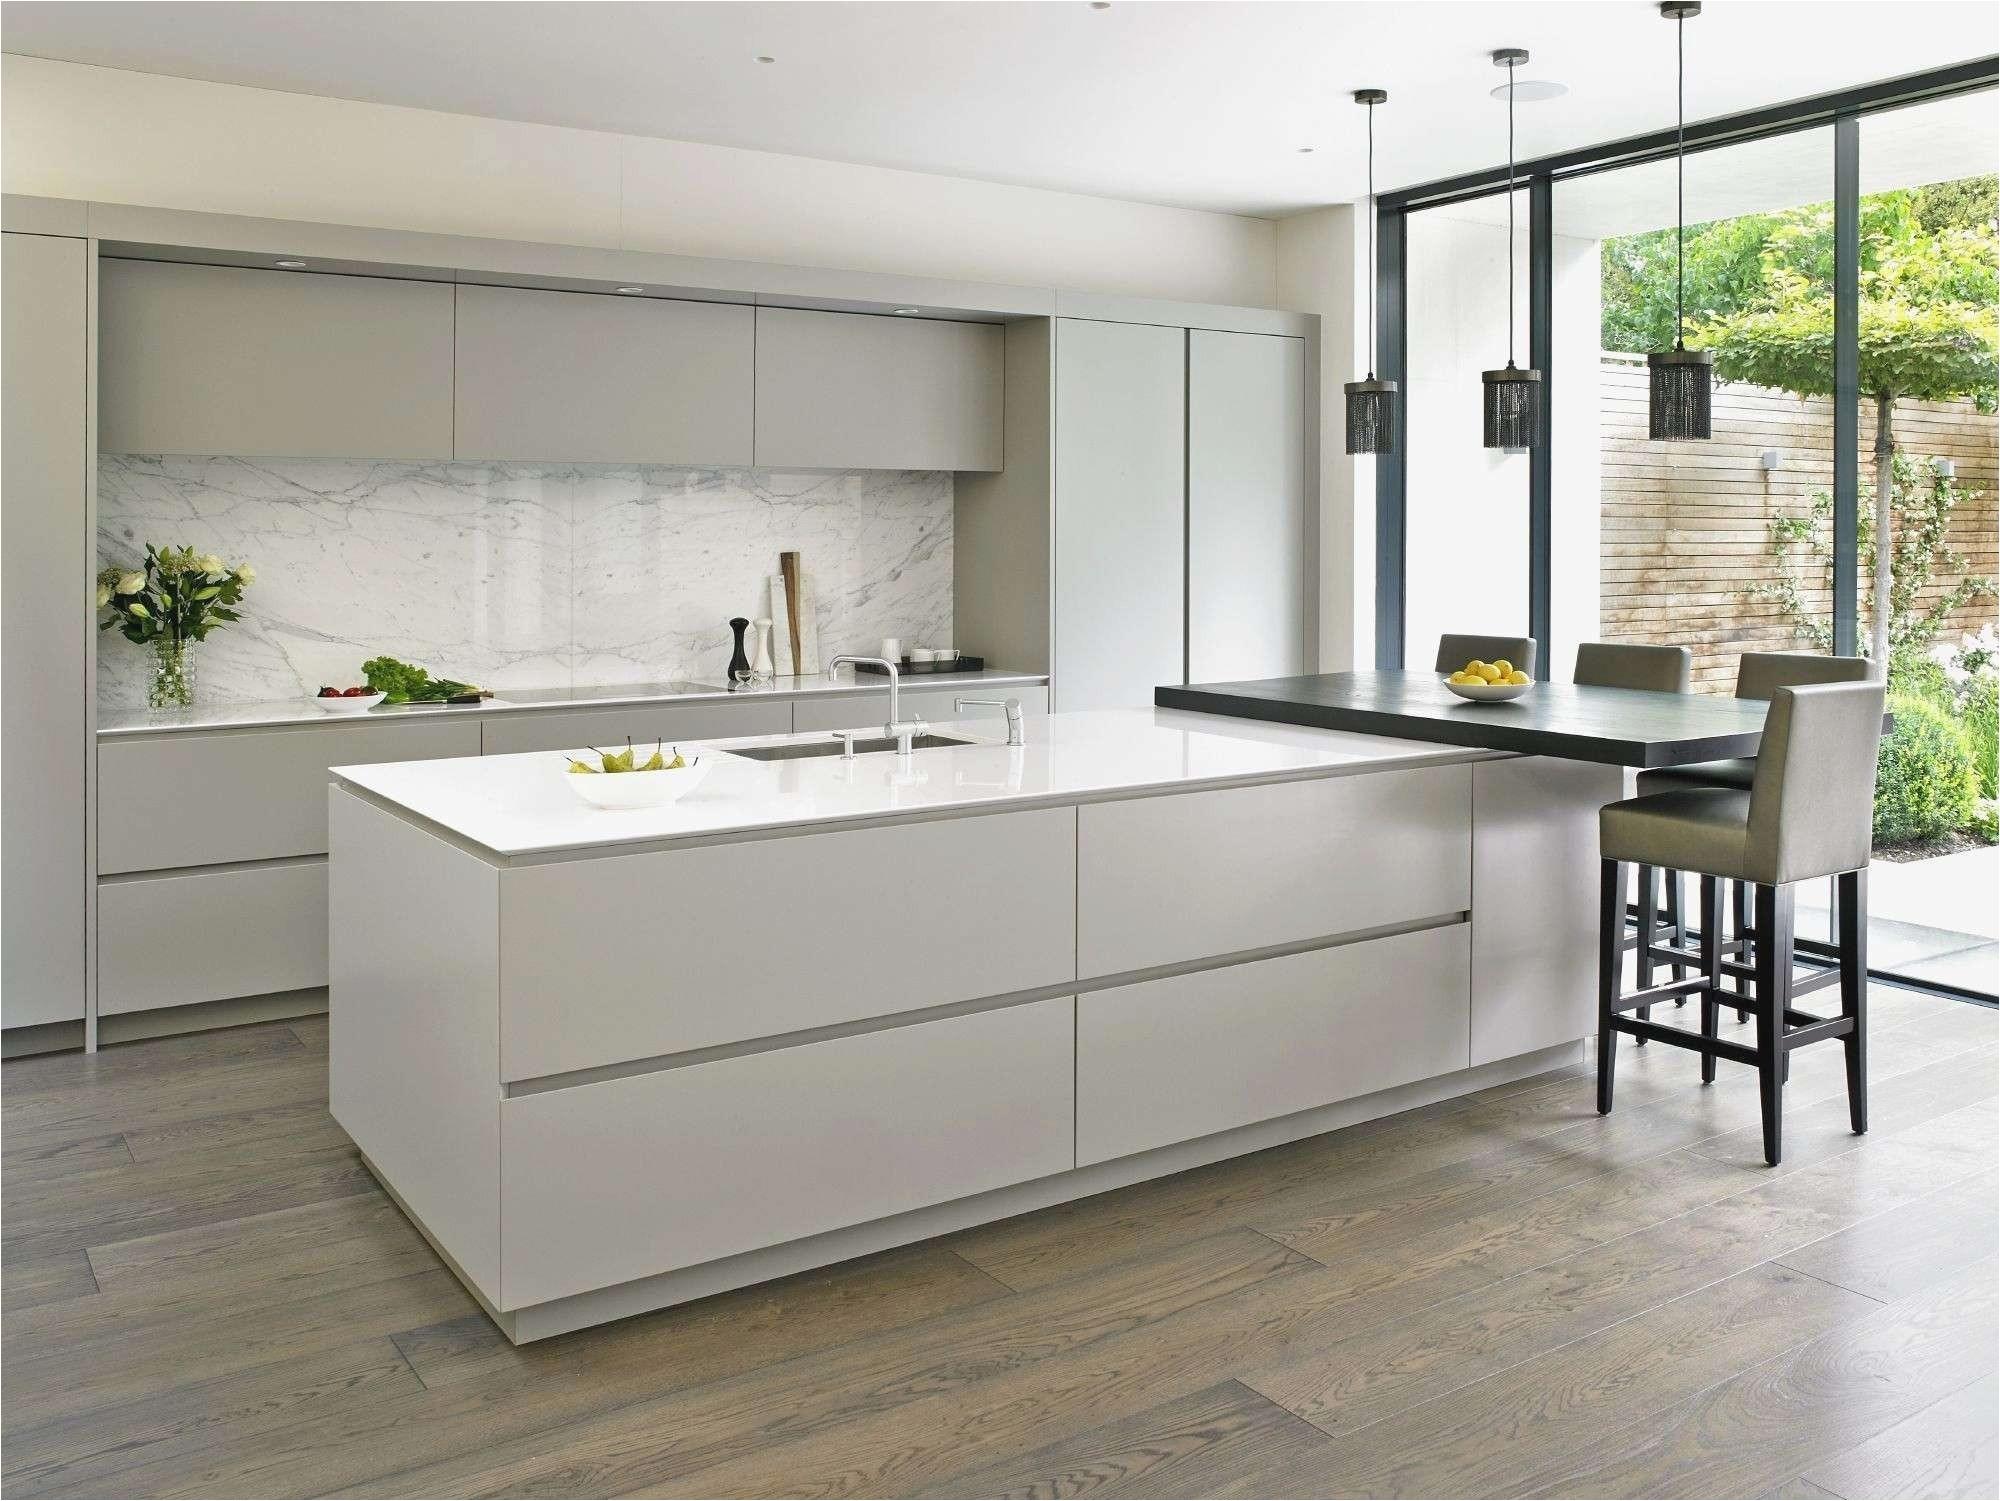 Chimney Design for Kitchen Brilliant Industrial Kitchen Cabinets Unique Kitchen L Kitchen L Kitchen 0d